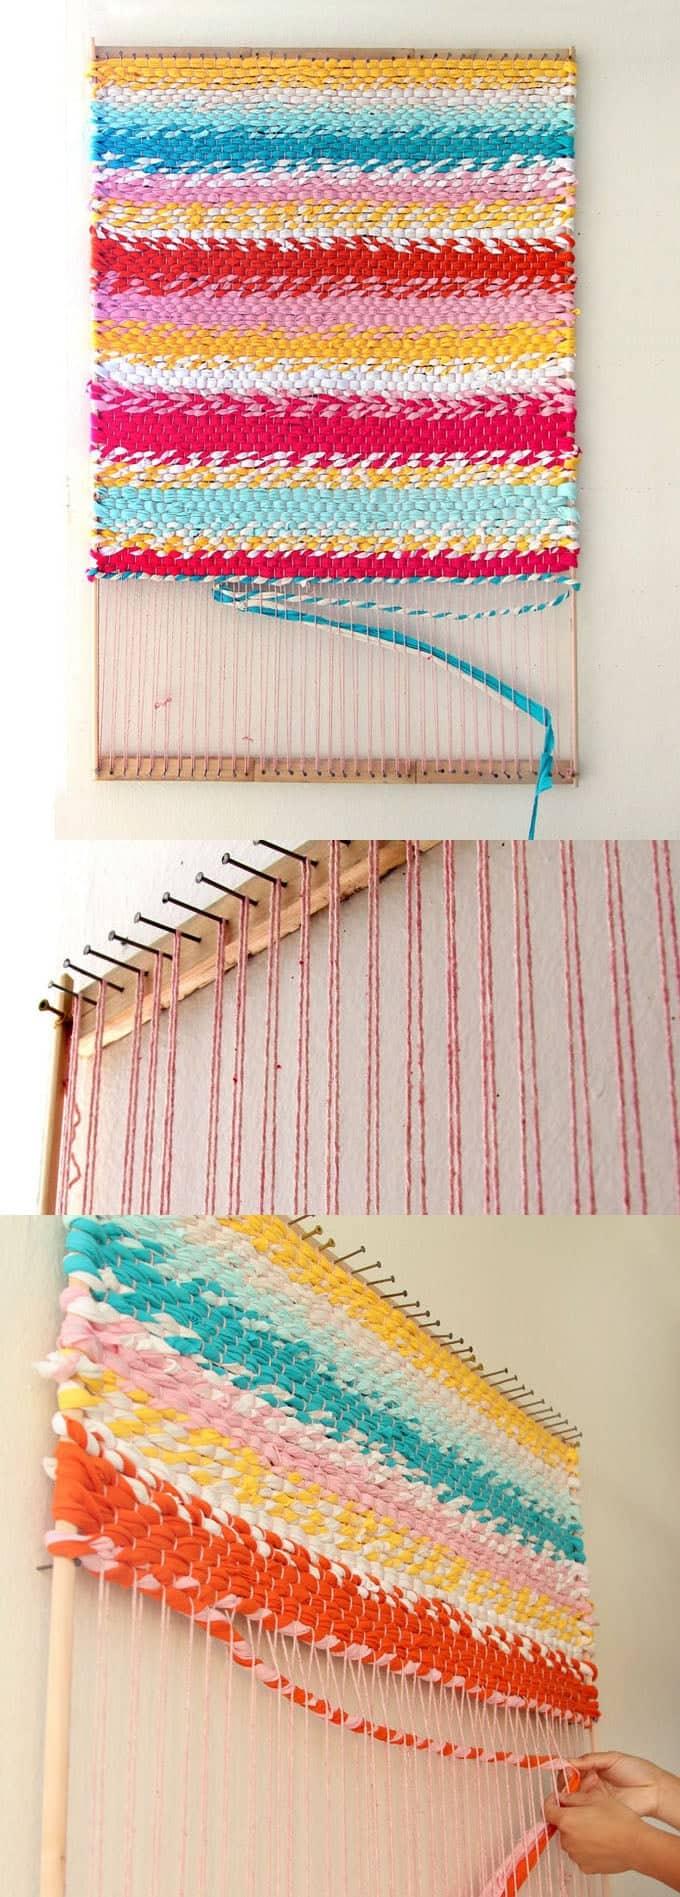 DIY woven t-shirt rag rug (via www.apieceofrainbow.com)